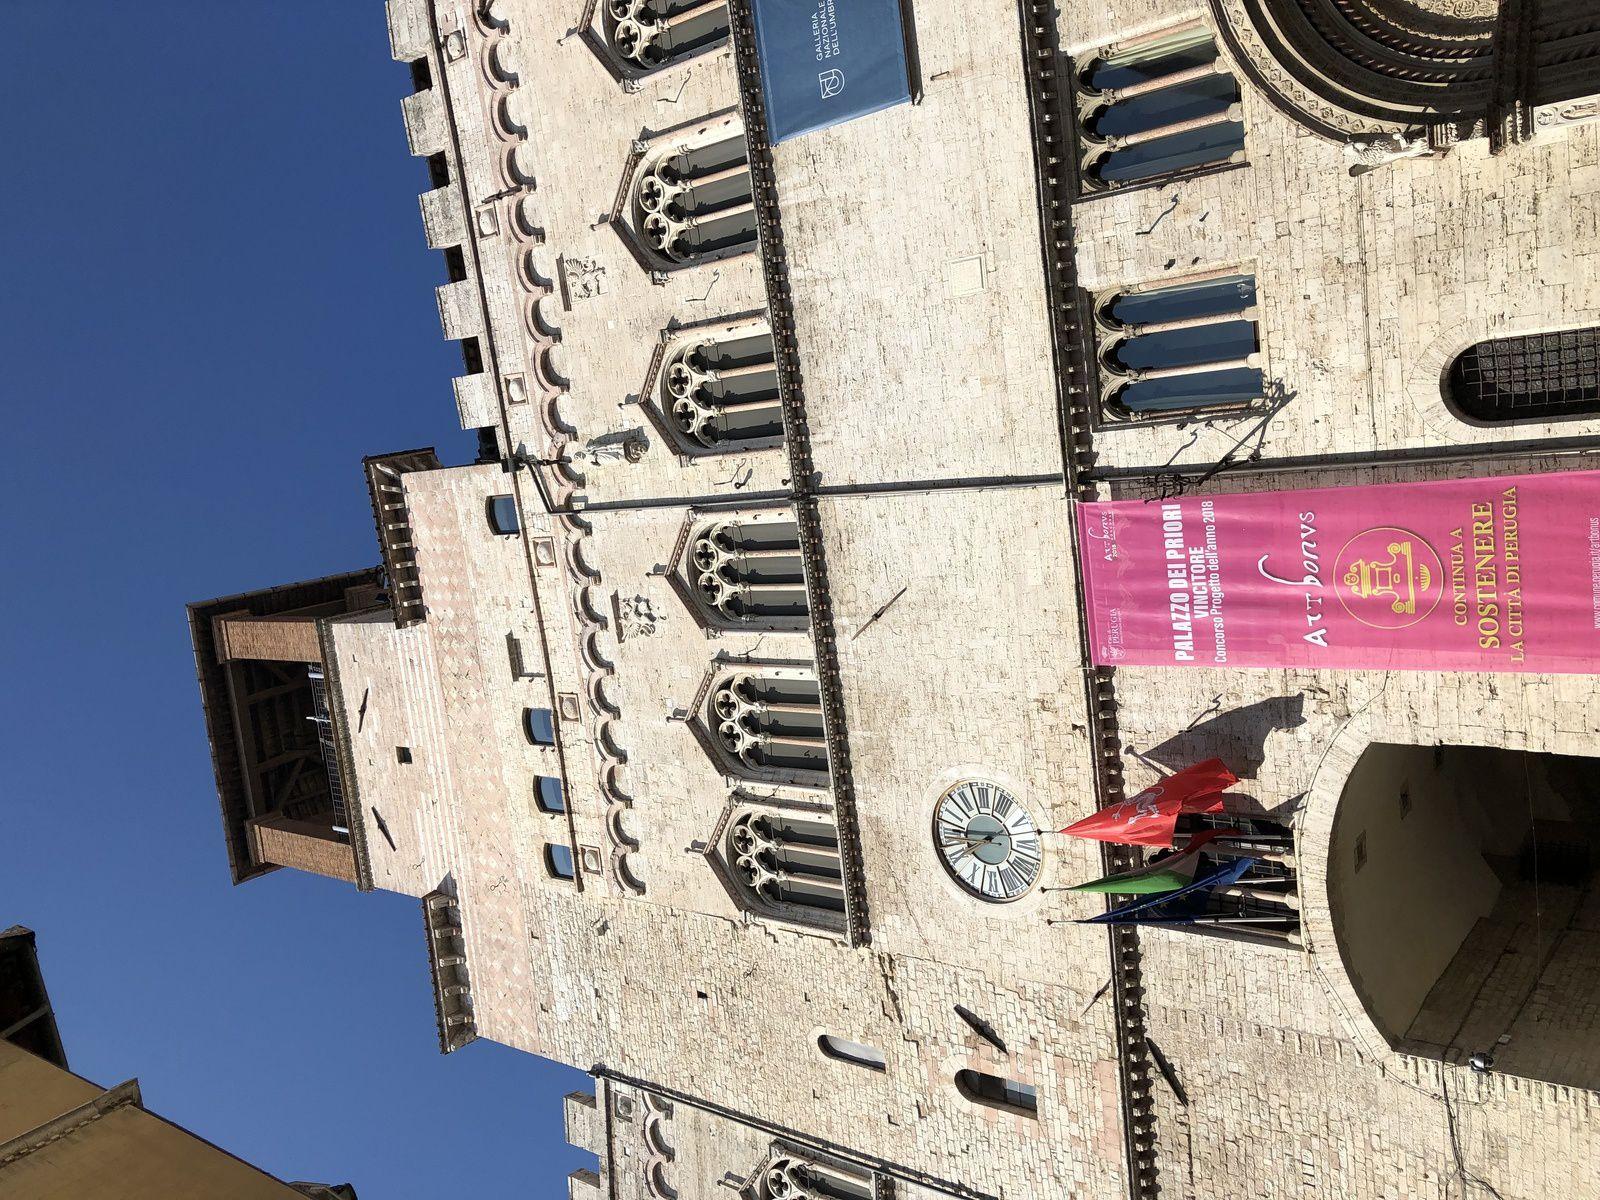 In viaggio tra Assisi, Spello, Spoleto e Perugia.